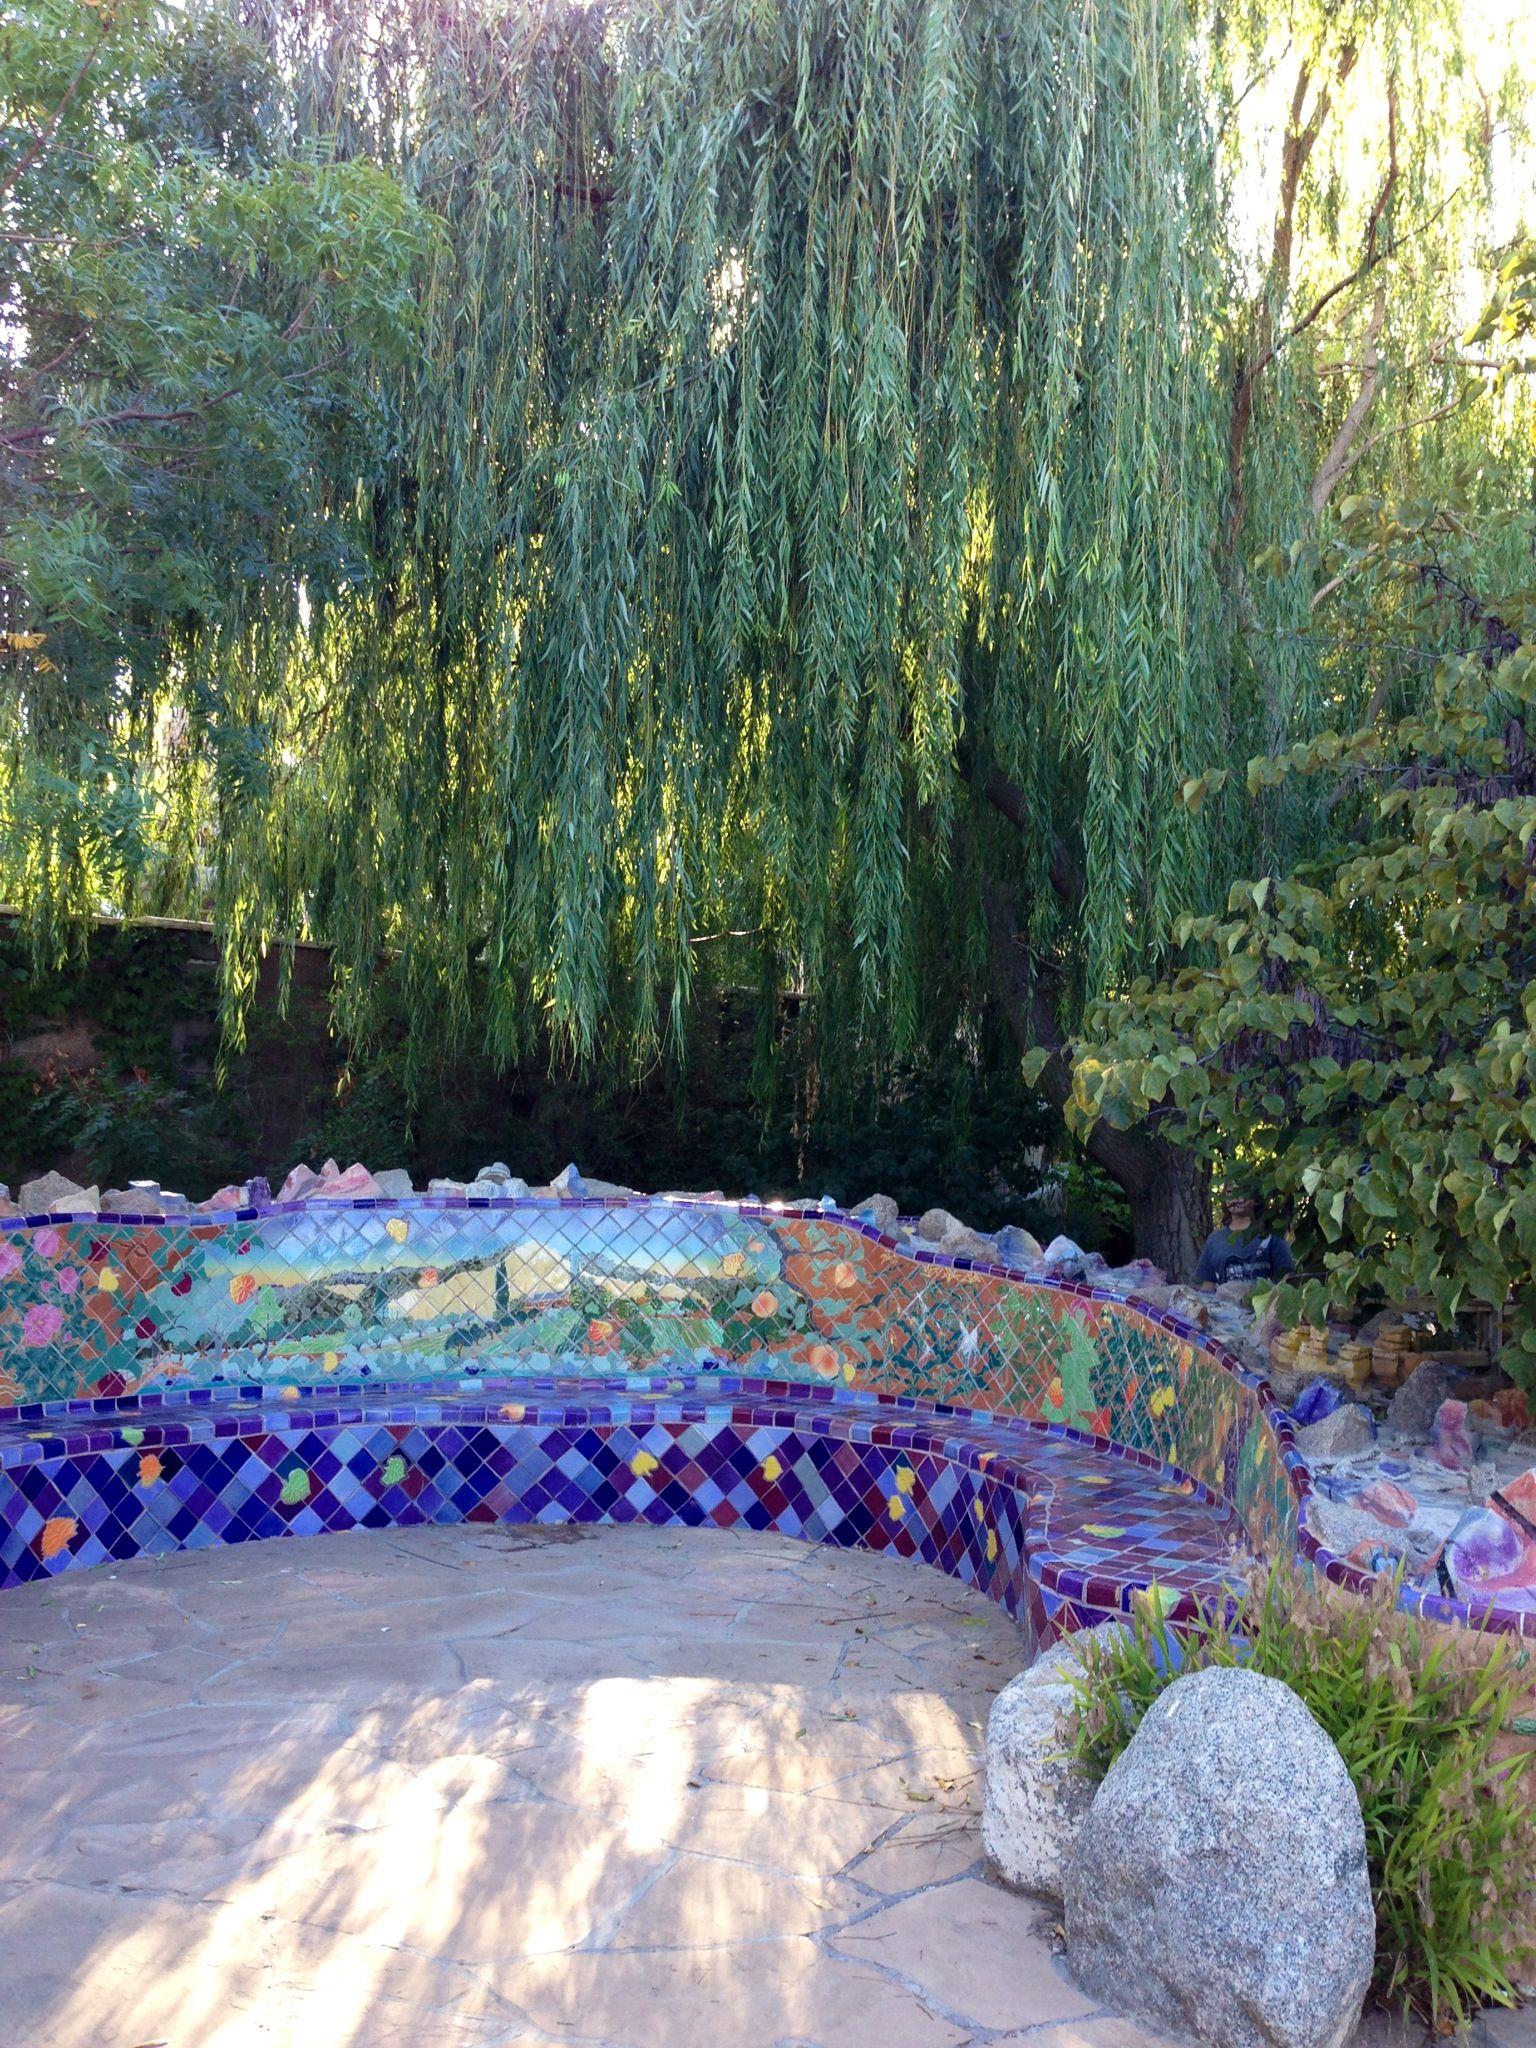 Mosaic Tile Bench With Weeping Willow Abq Biopark Botanical Garden Albuquerque New Mexico